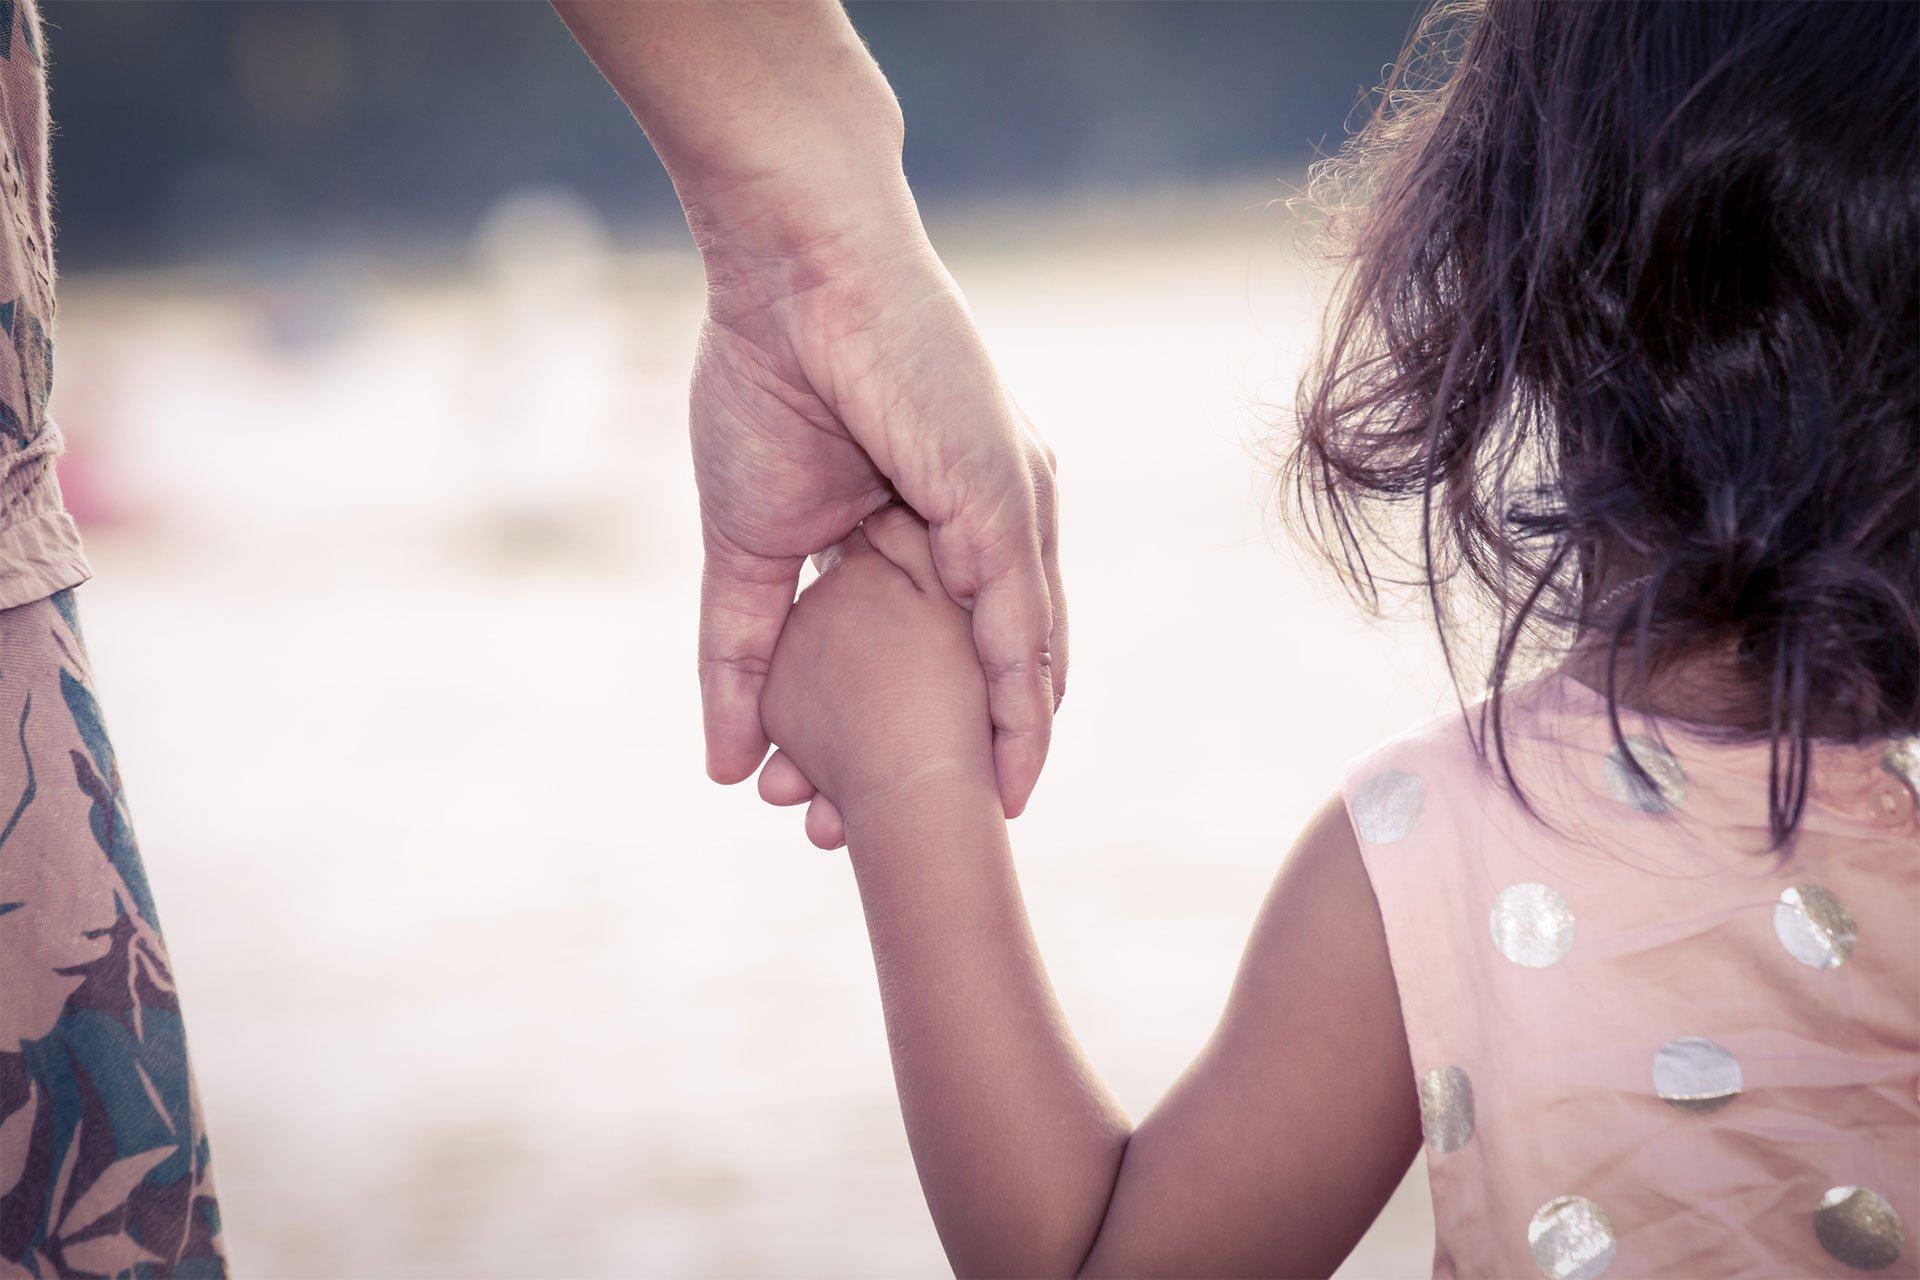 child custody lawyer Buffalo, NY